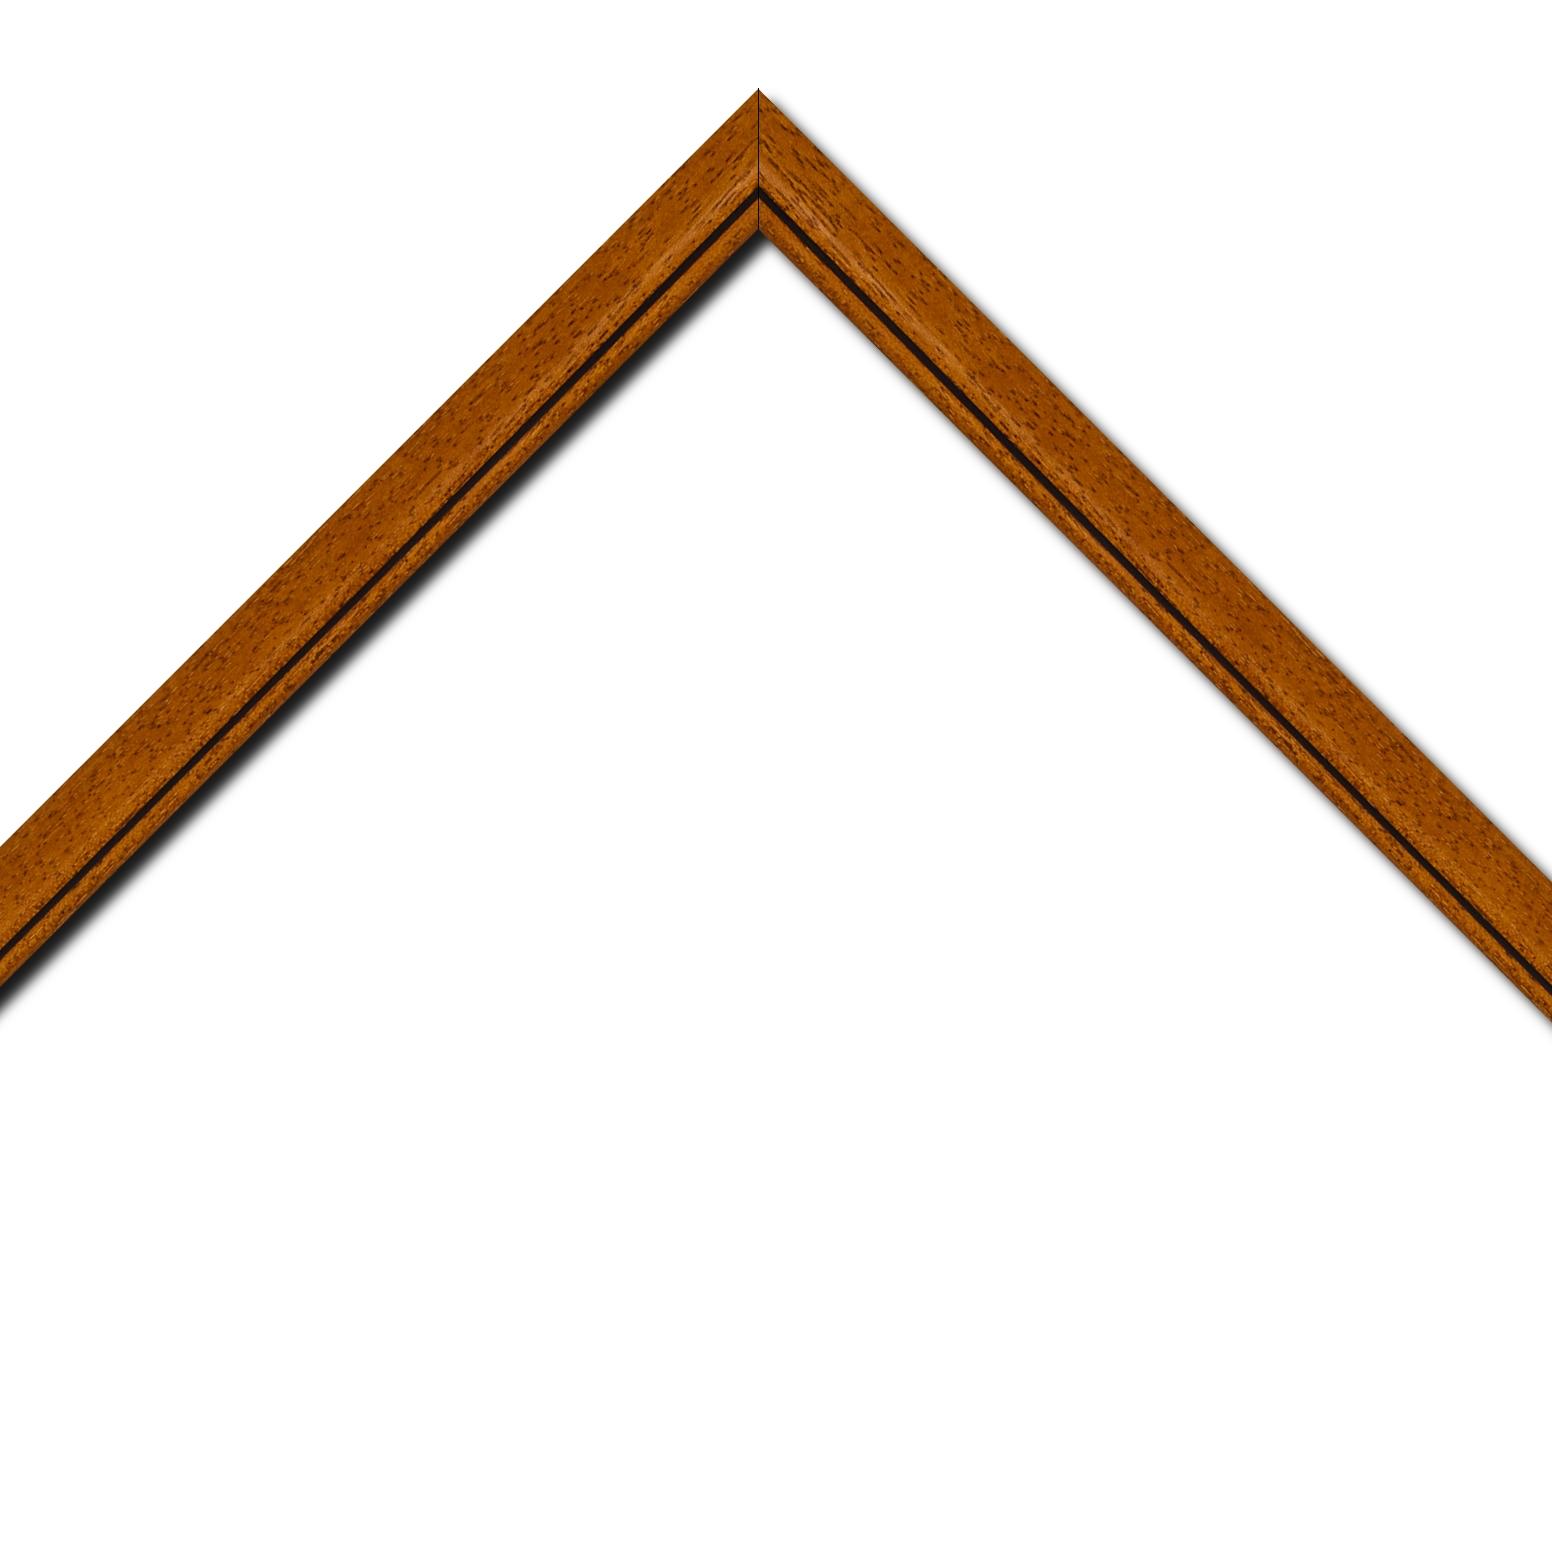 Baguette bois profil bombé largeur 2.4cm couleur marron ton bois satiné filet noir